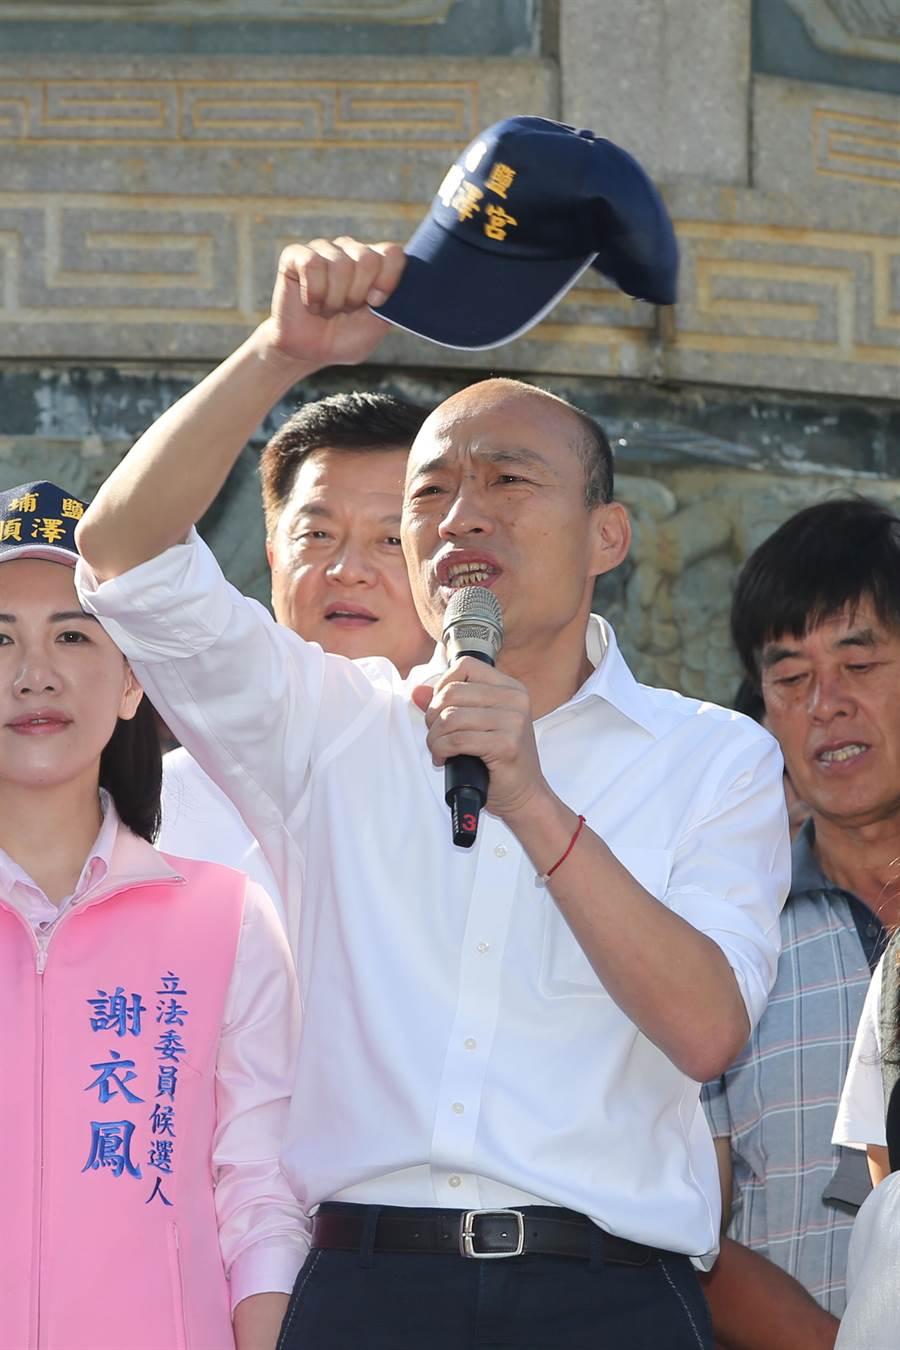 韓國瑜揮舞順澤宮的冠軍宮廟帽向現場支持者發表談話。(黃國峰攝)